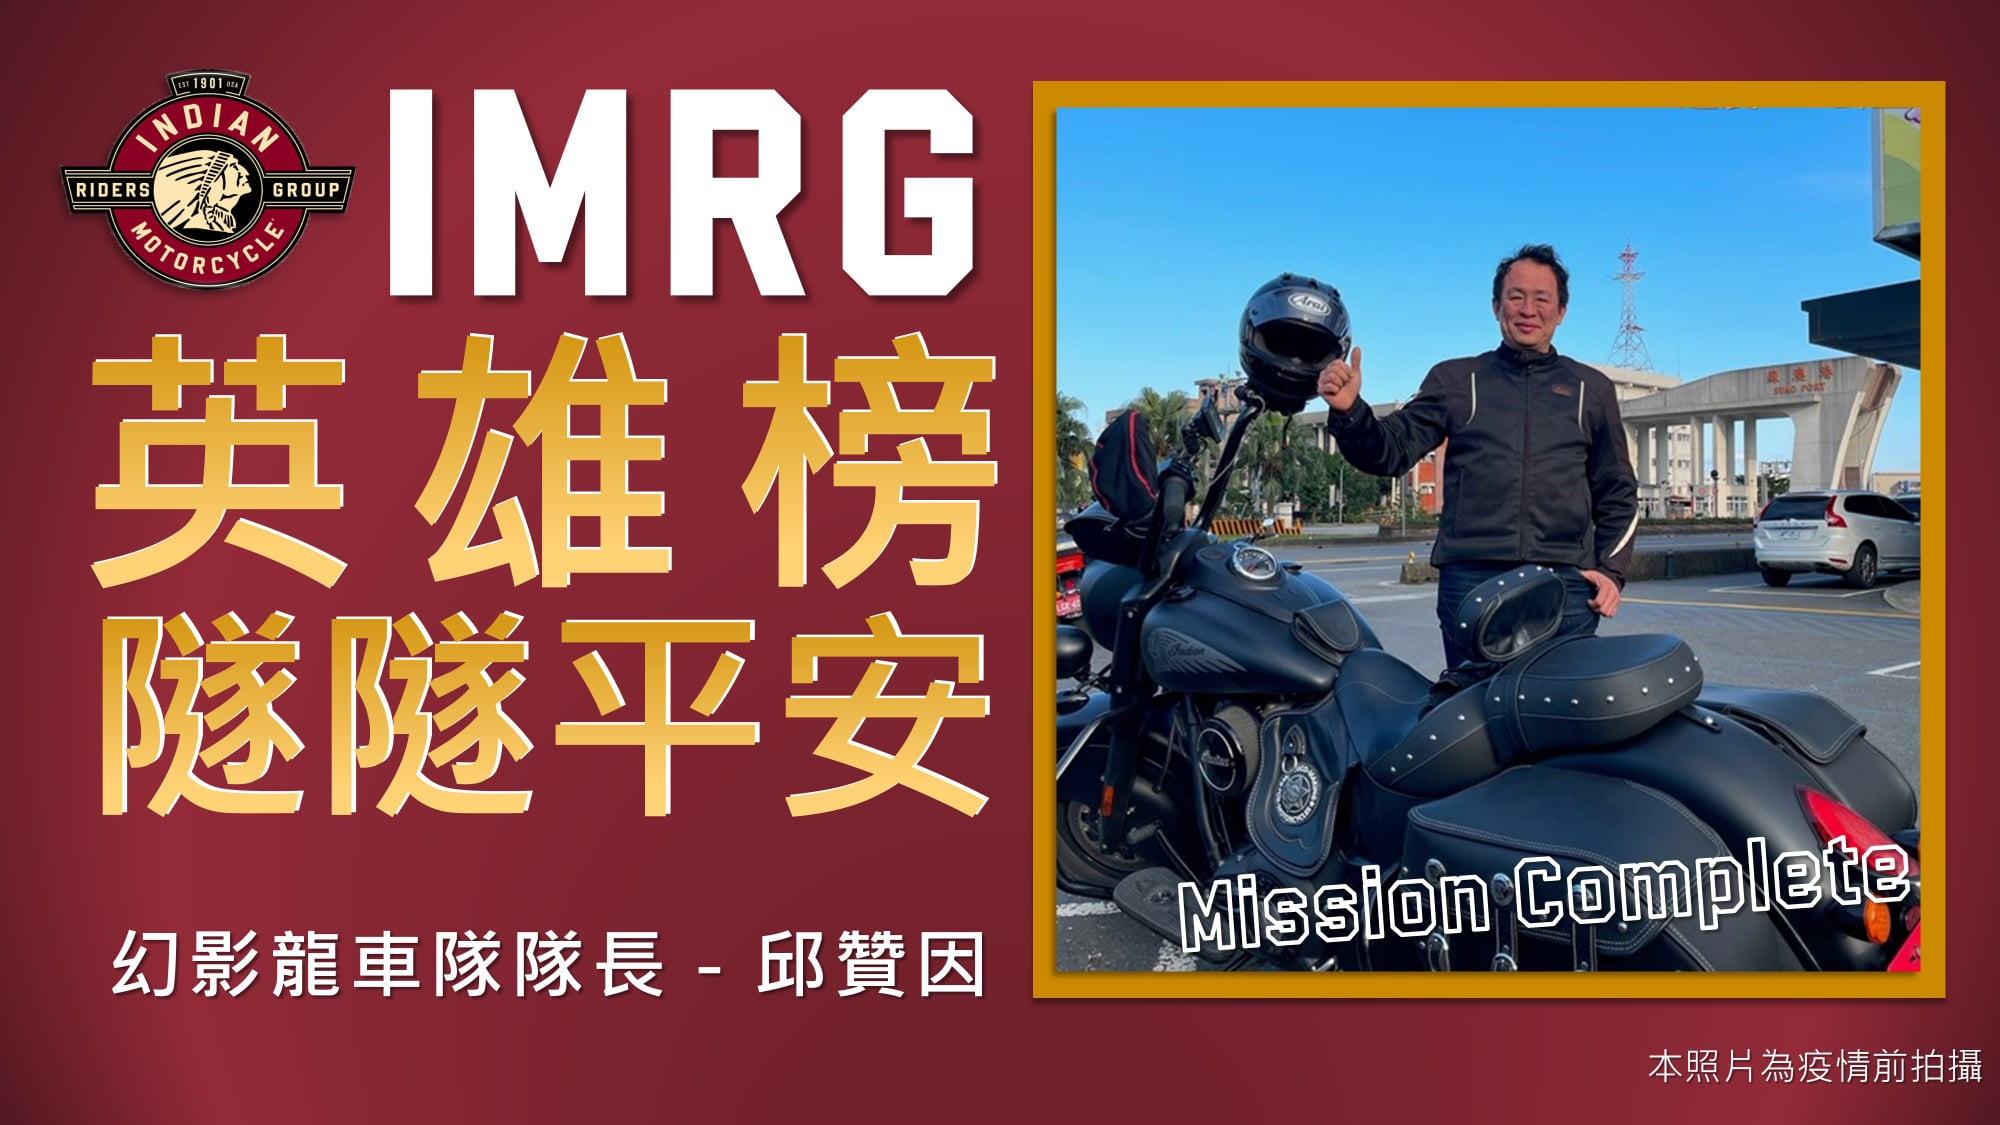 [ 英雄榜 ] 2021年07月26日 - 幻影龍車隊 - 邱贊因 - 隧隧平安挑戰賽